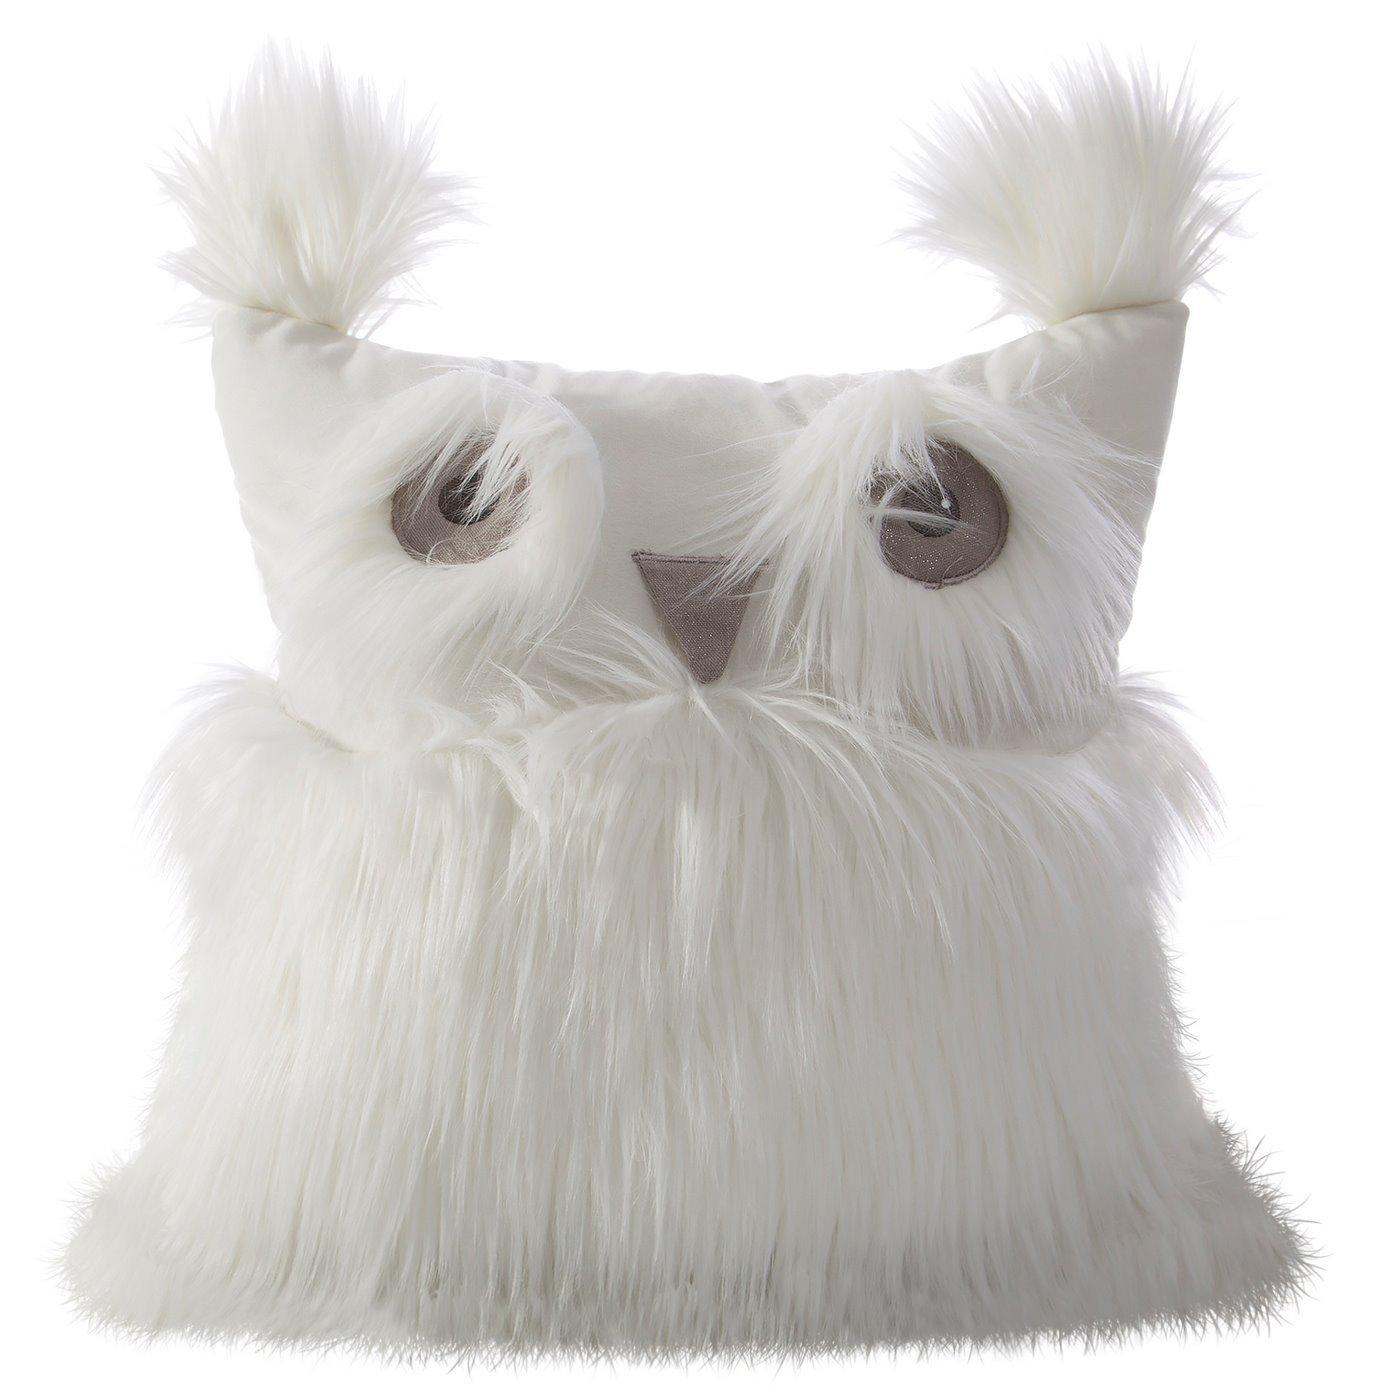 Poszewka na poduszkę 40 x 40 cm w kształcie sowy biała